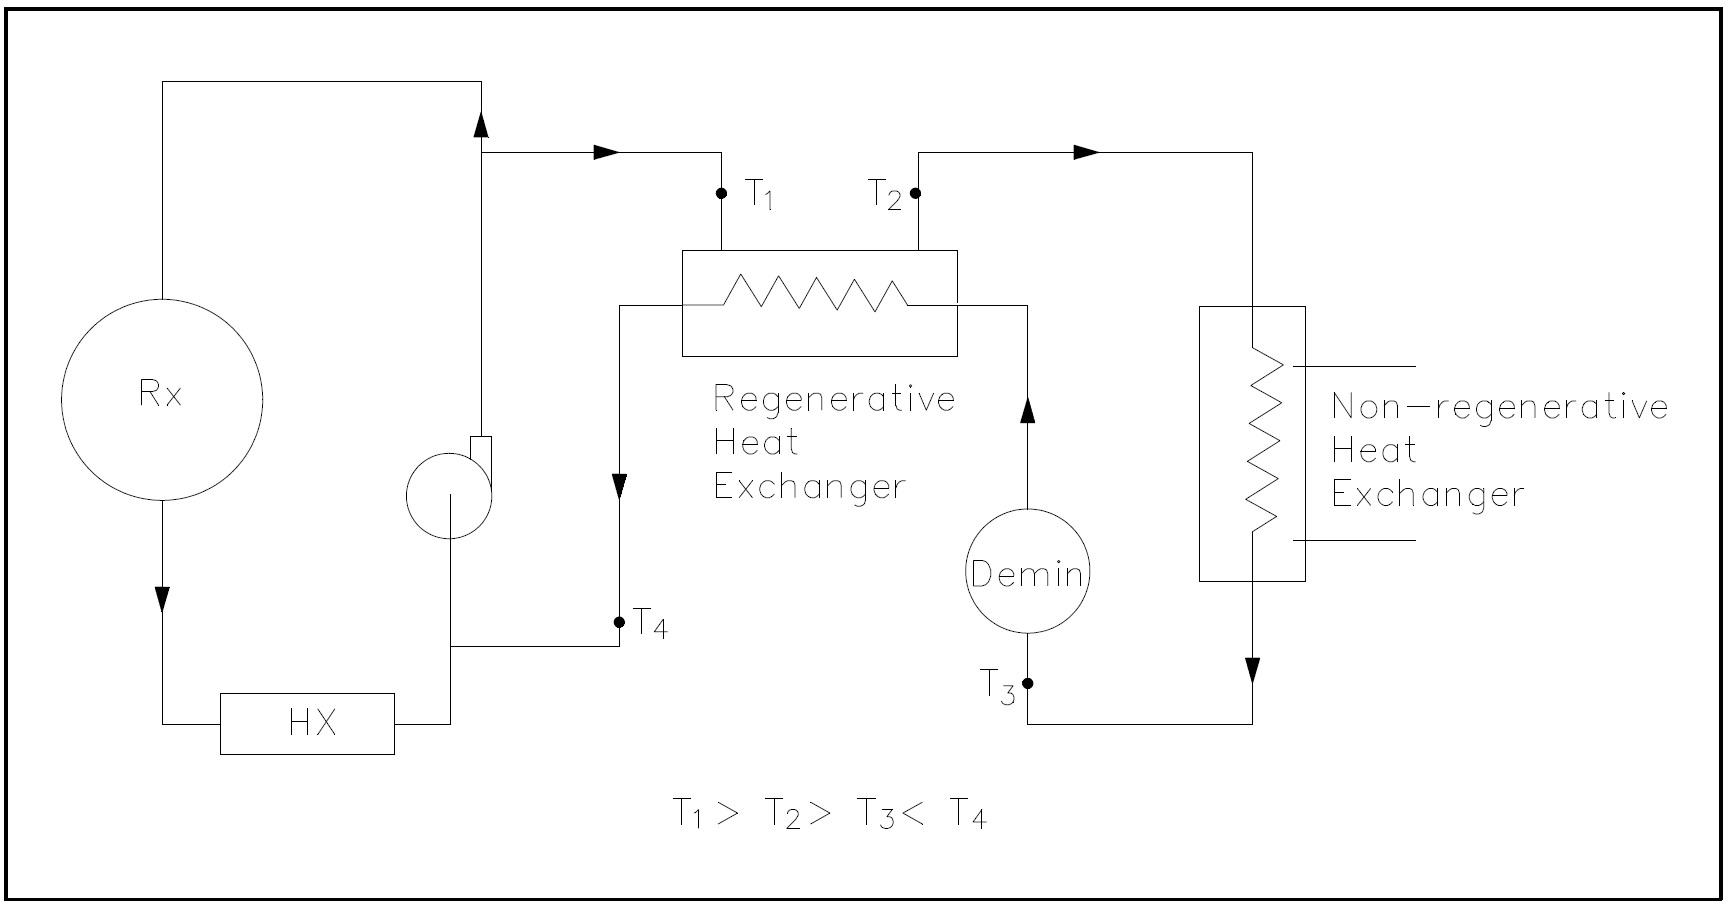 hight resolution of figure 12 regenerative heat exchanger